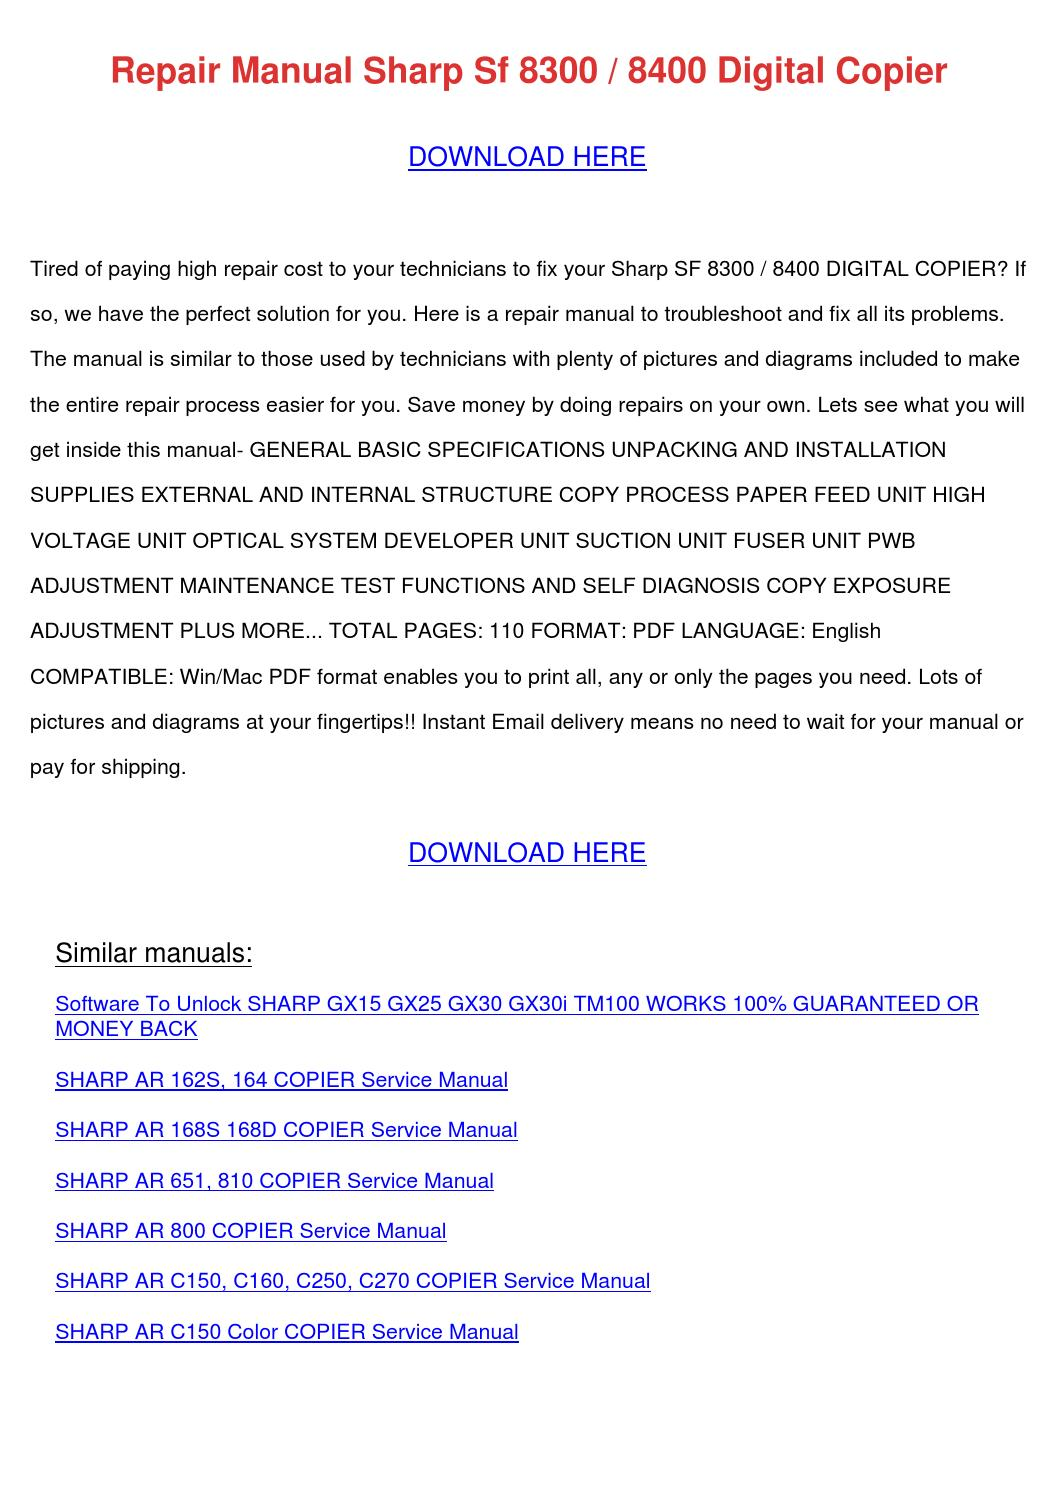 Repair Manual Sharp Sf 8300 8400 Digital Copi By